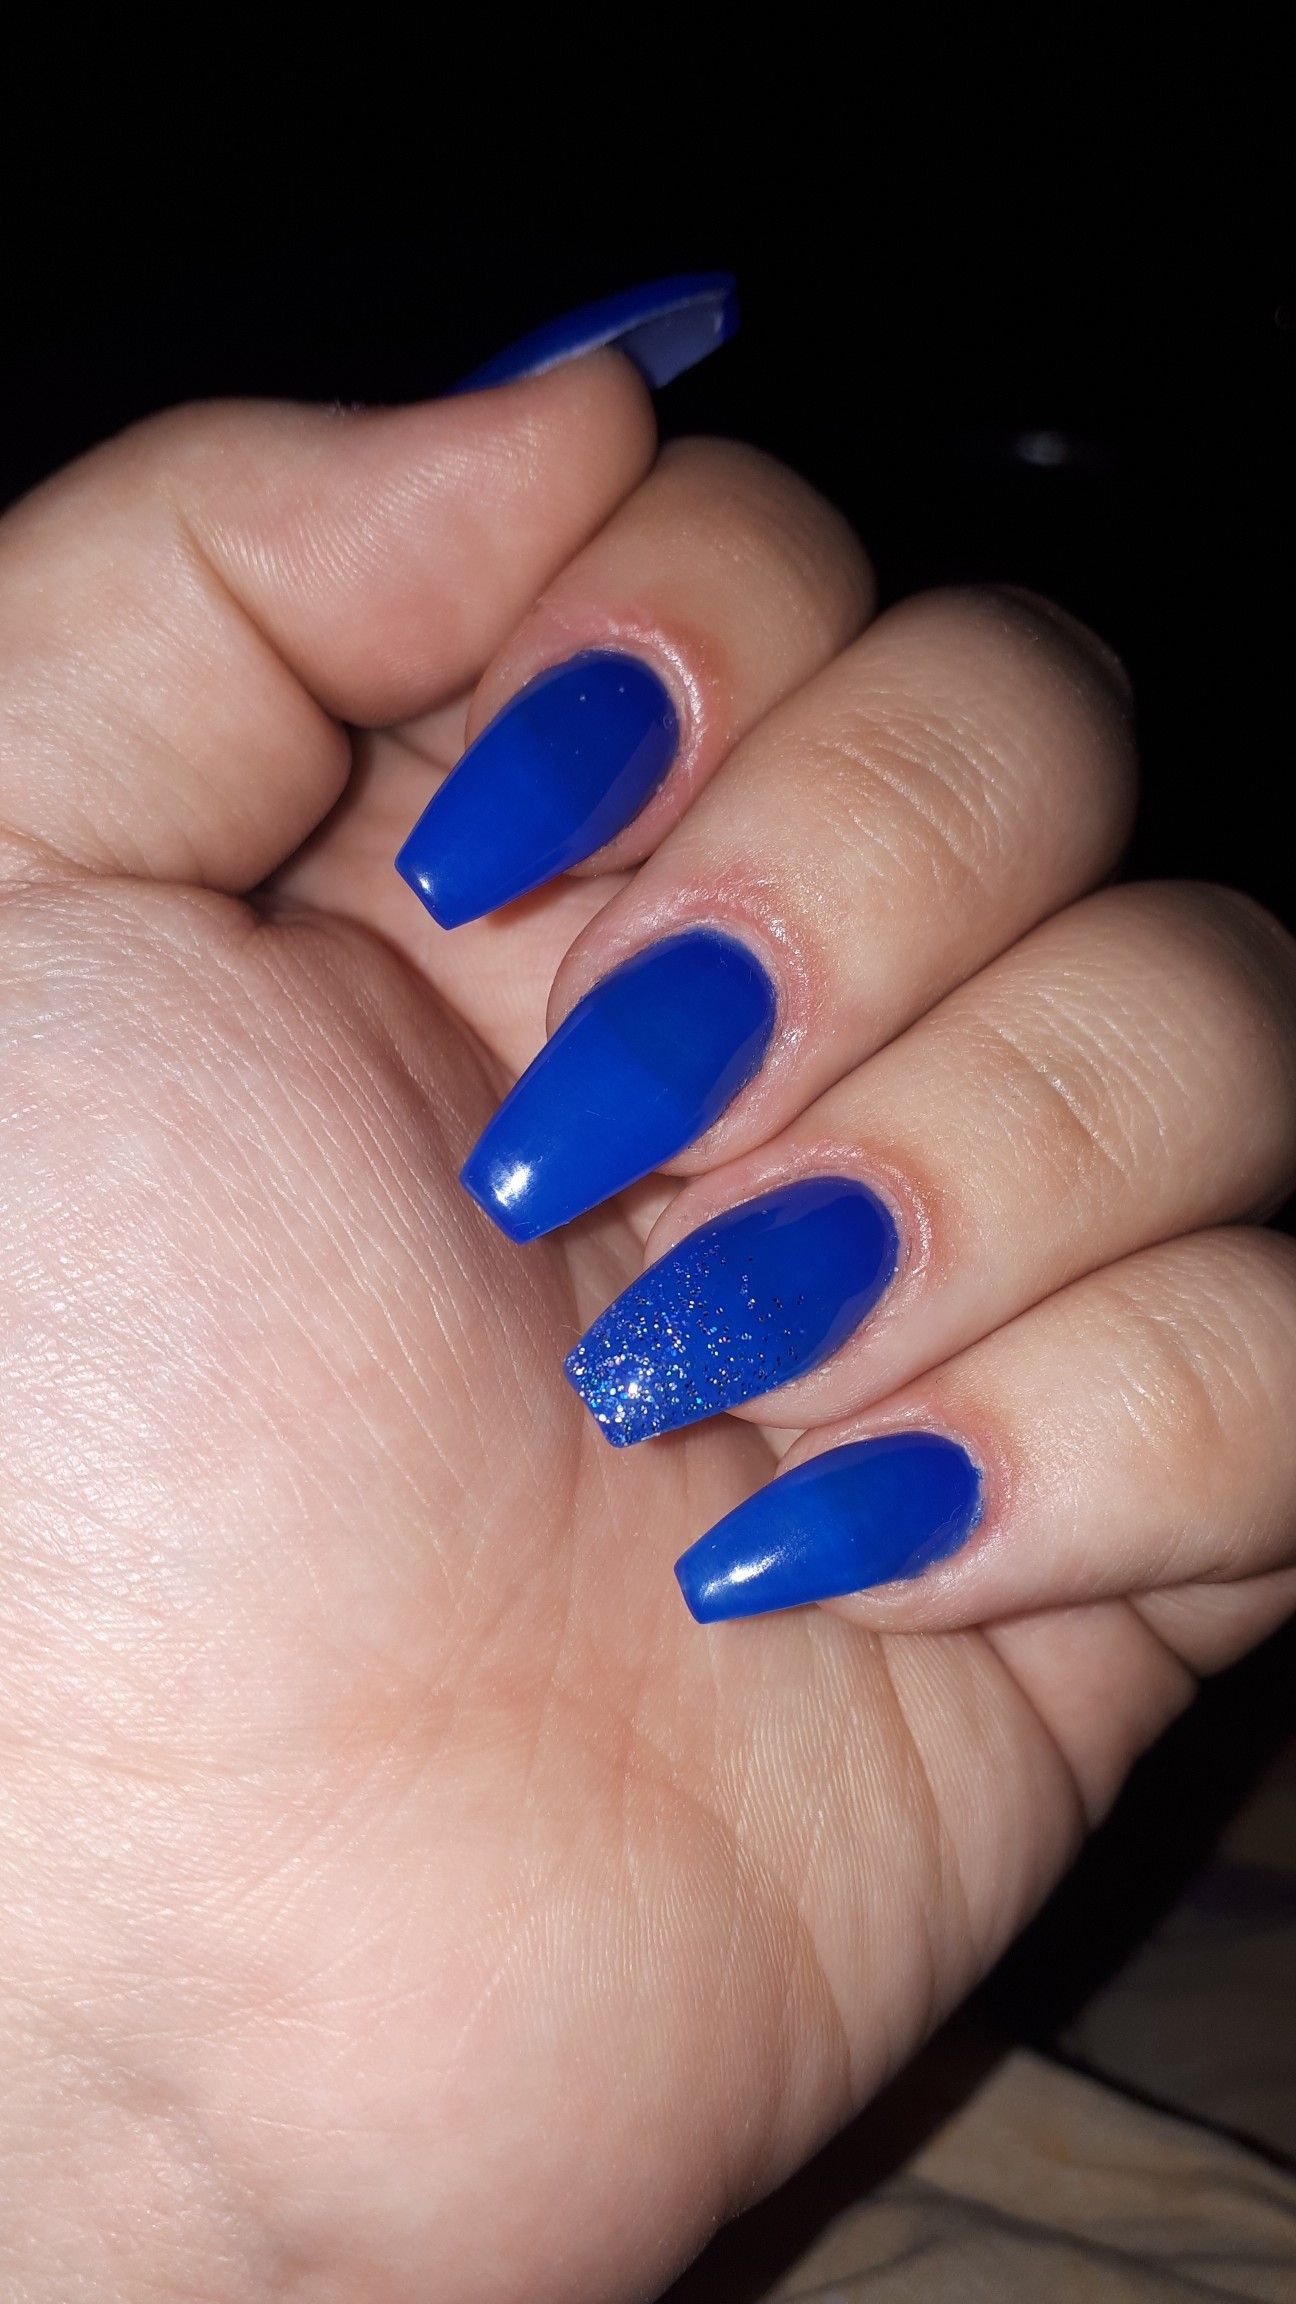 Royal Blue Coffin Acrylics Nails Royal Blue Nails Acrylic Nails Coffin Prom Nails